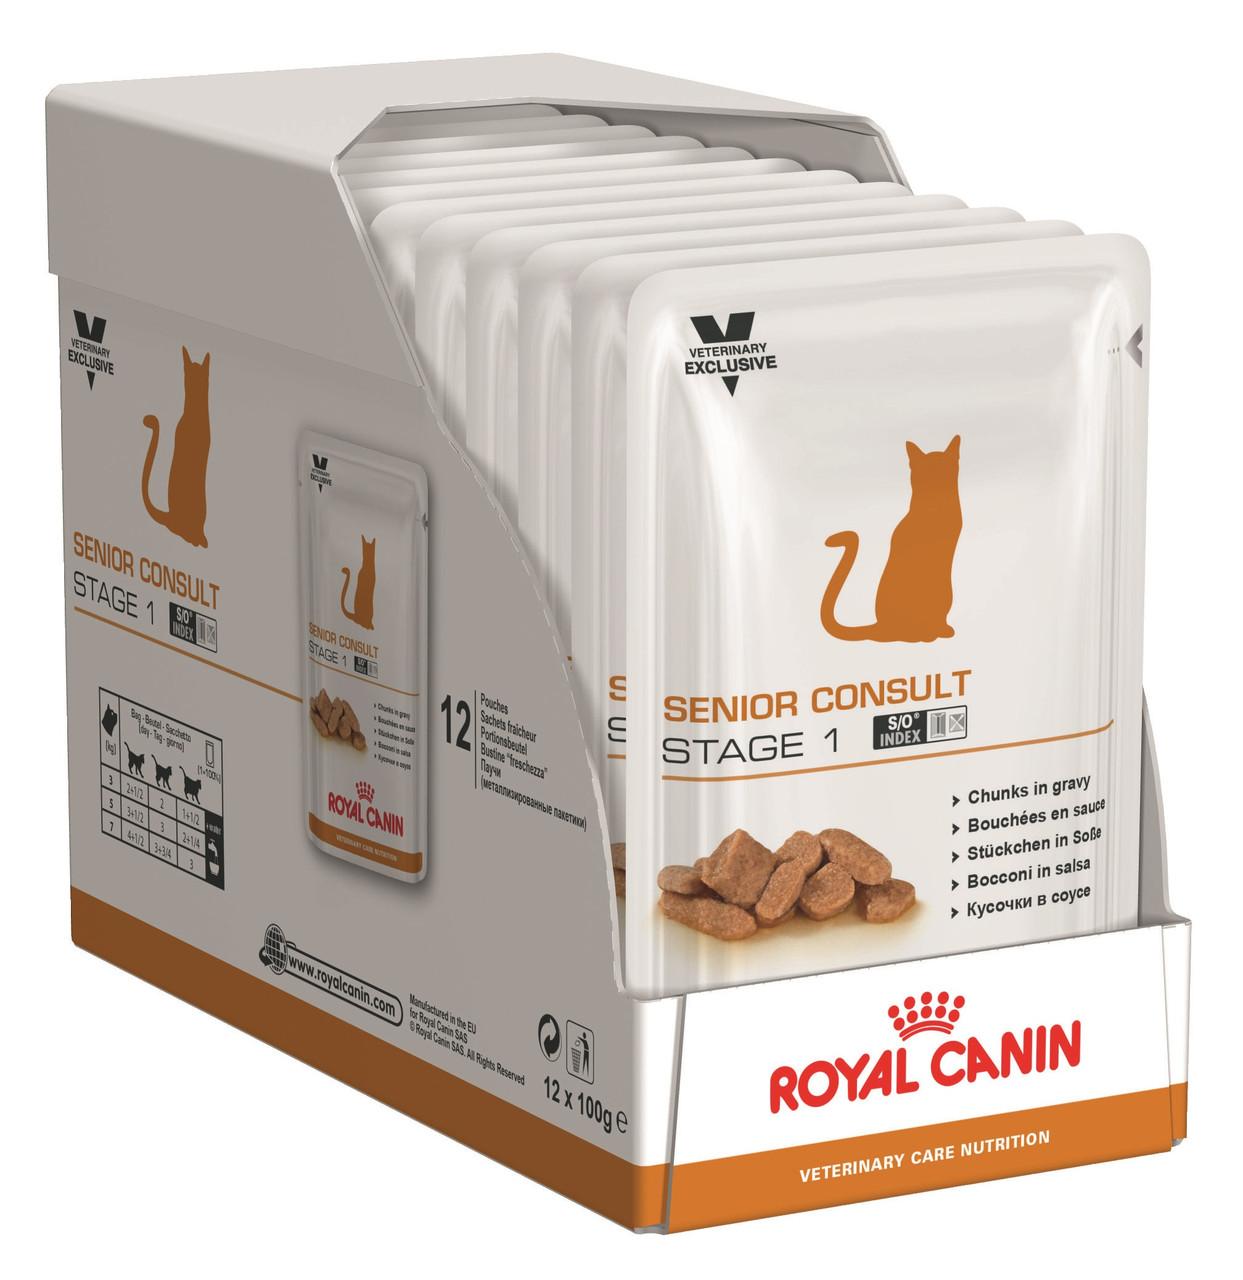 Влажный корм Royal Canin Senior Consult Stage 1 для кошек старше 7 лет блок 100 г*12 шт.